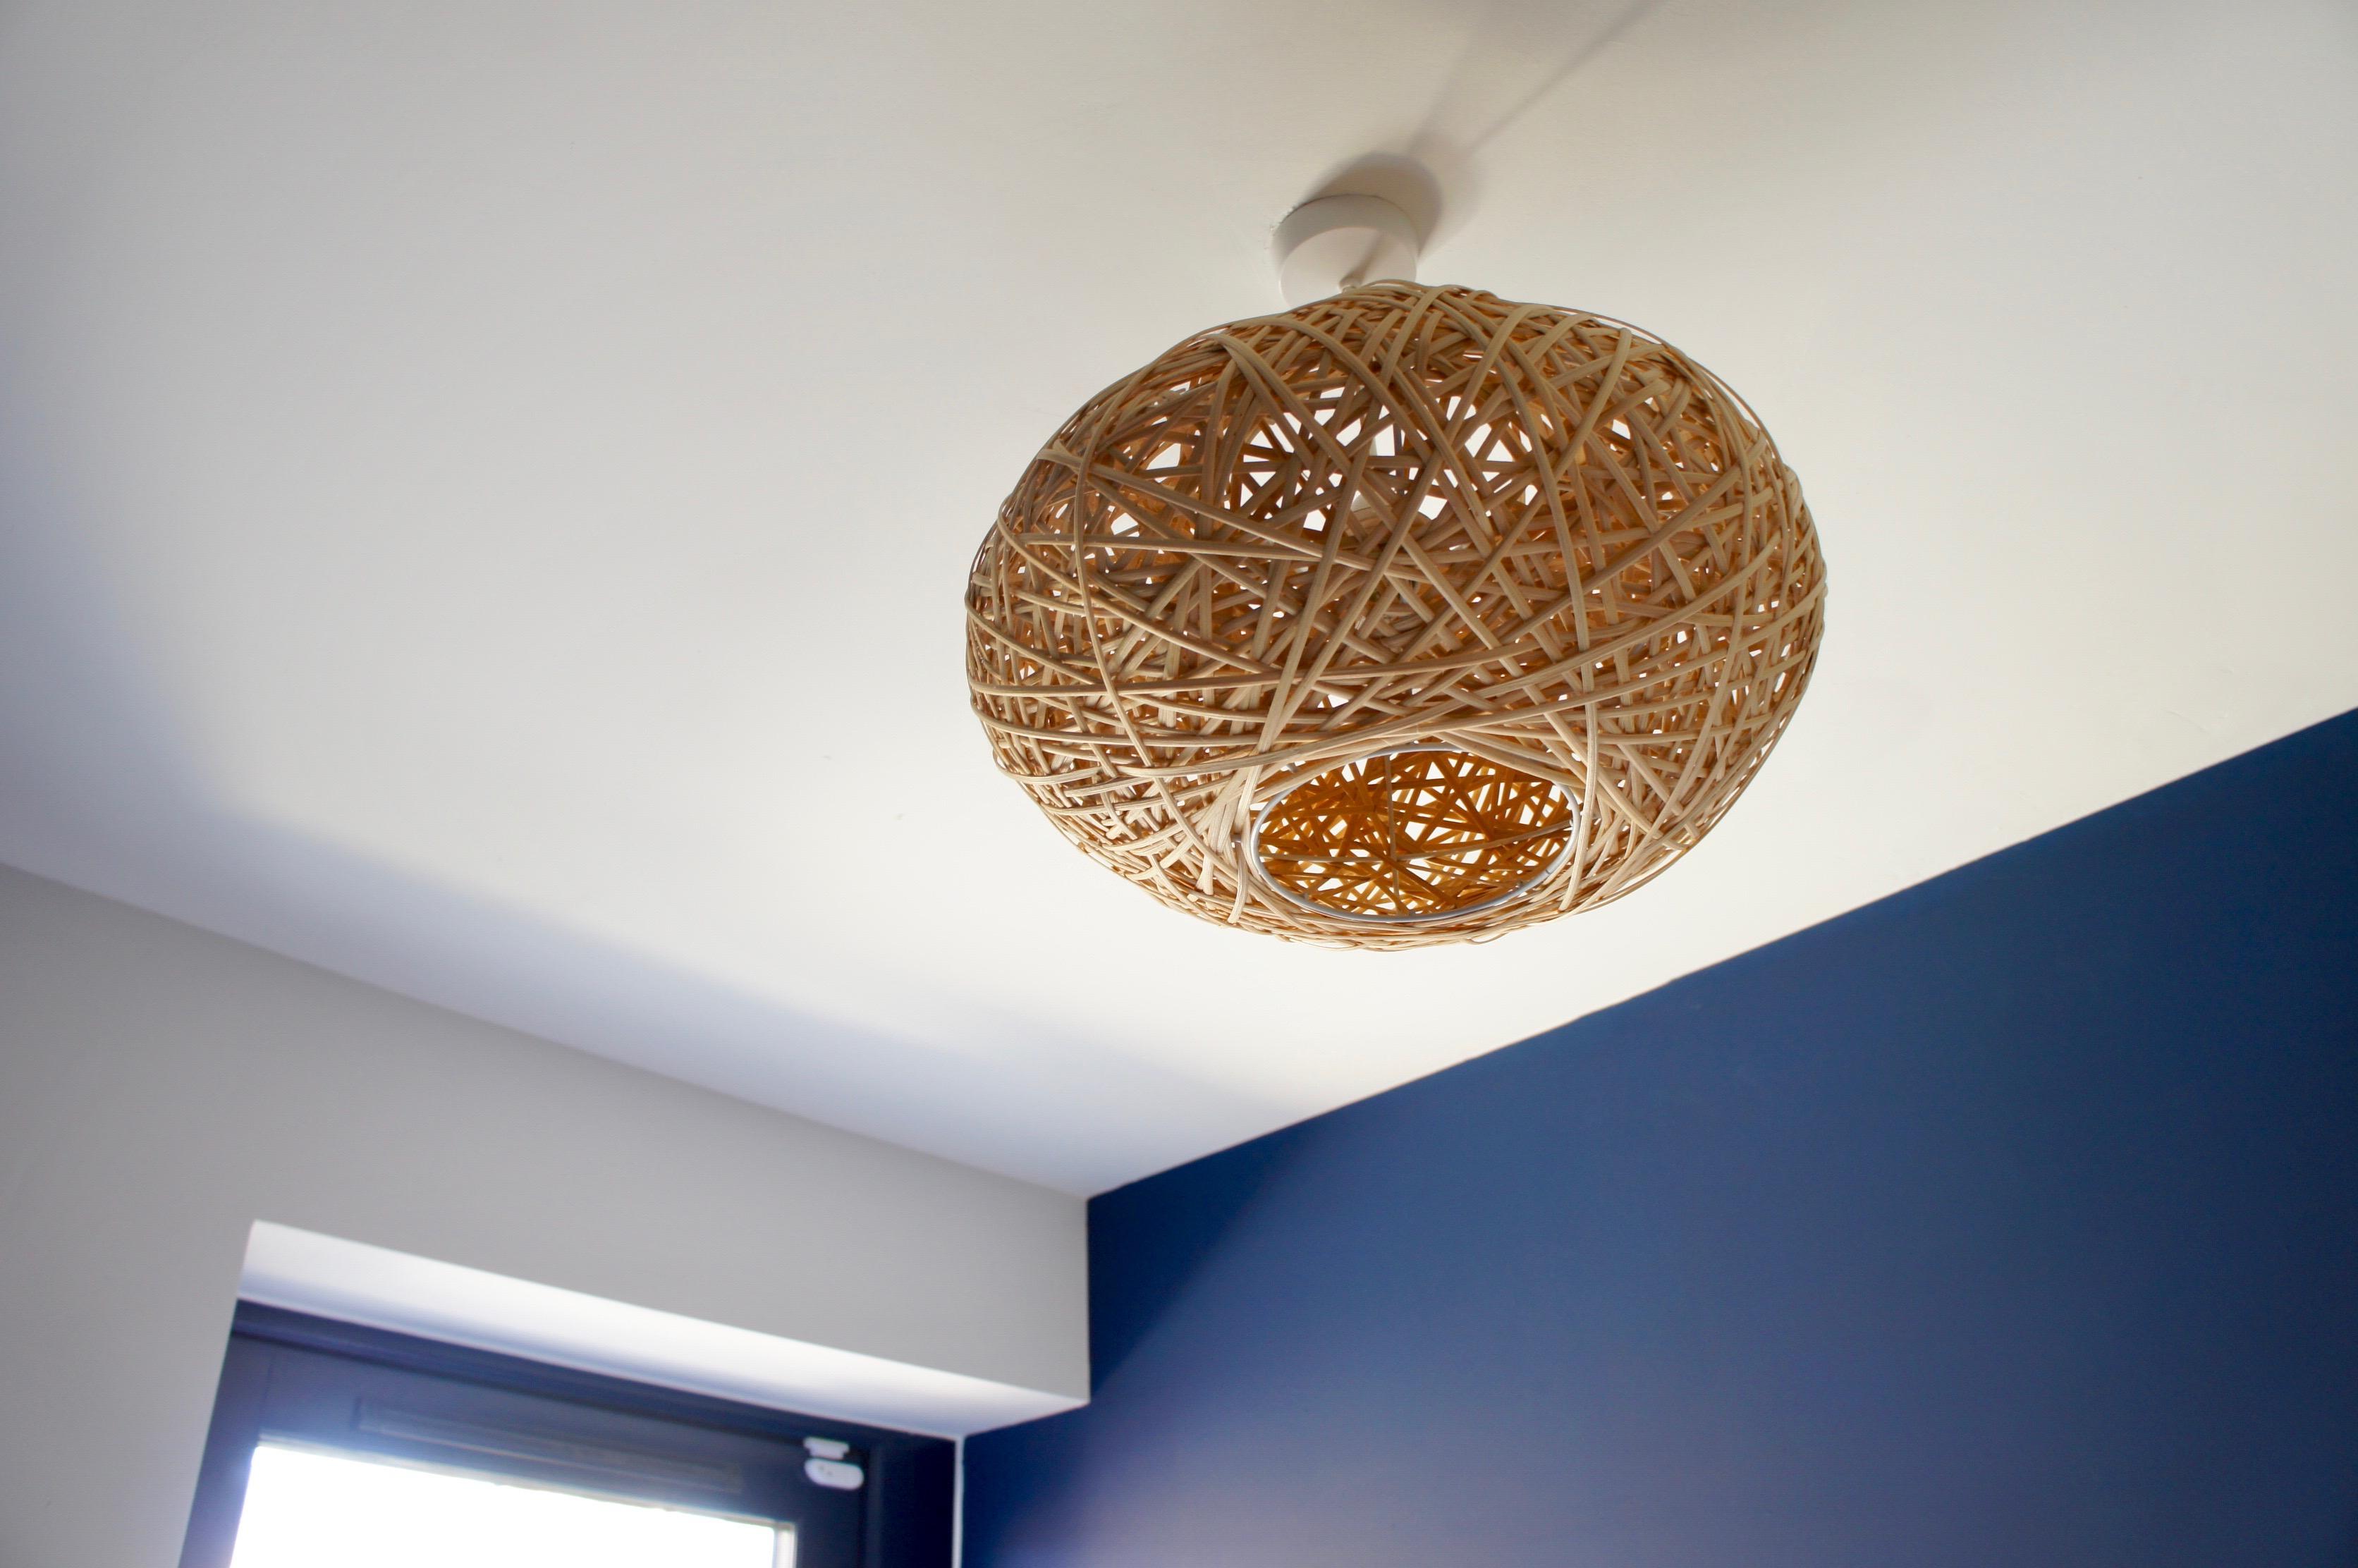 Rattan Ceiling Lamp Shade